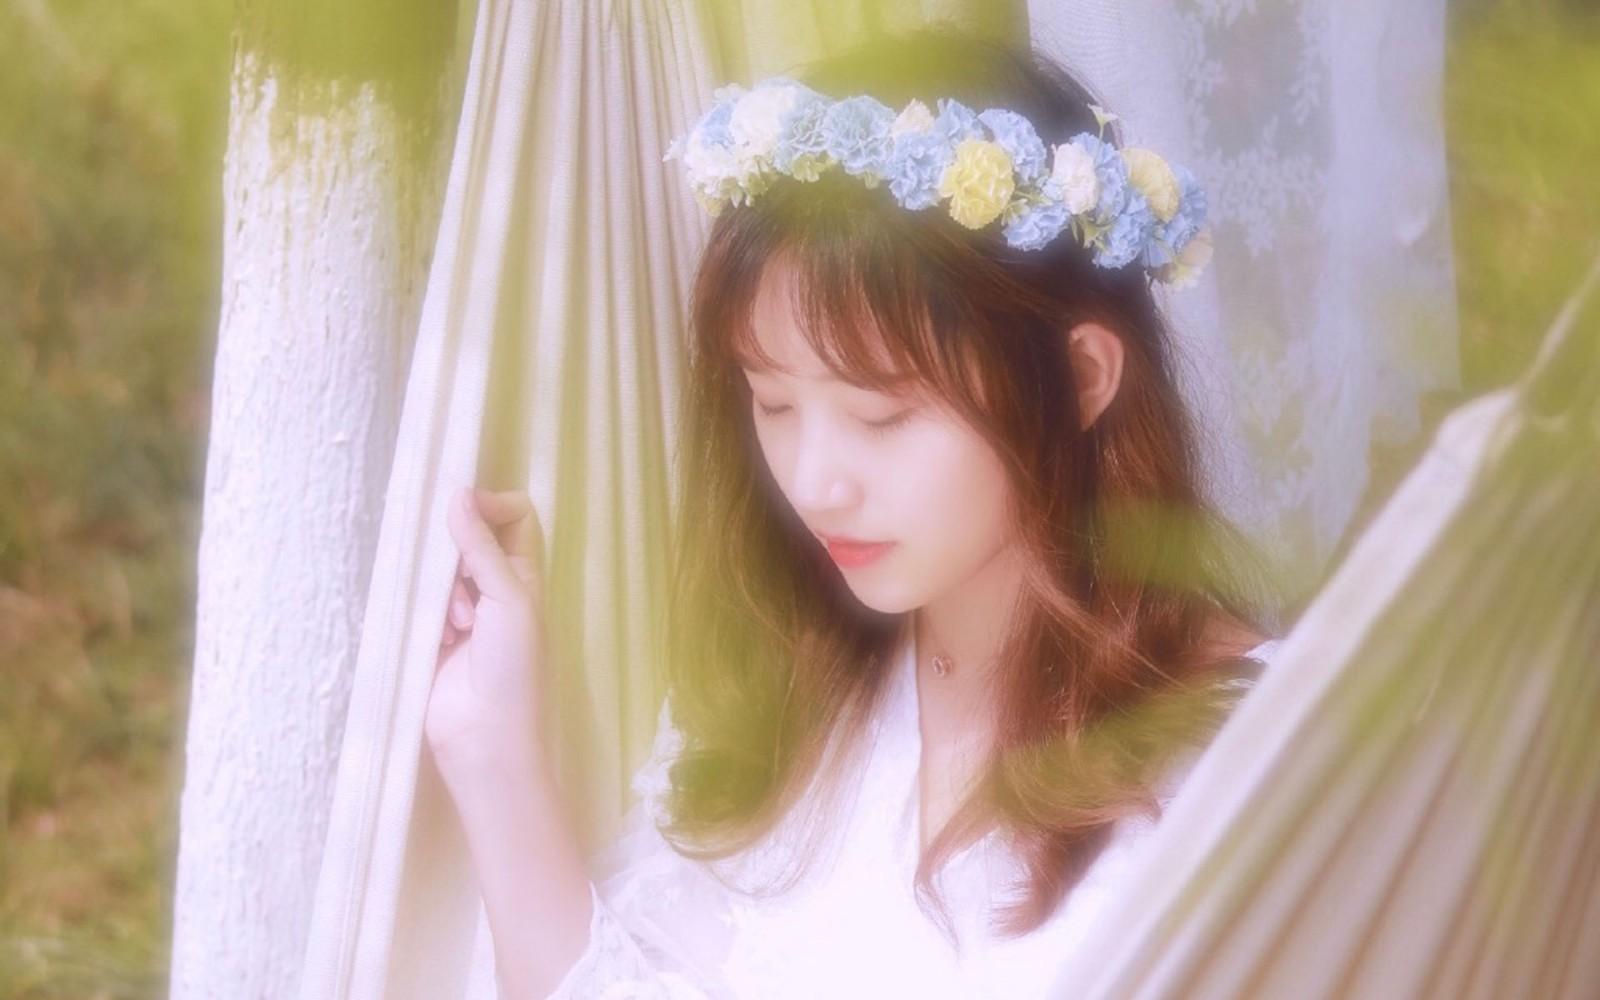 森林中的白裙花仙子精灵模特写真电脑壁纸